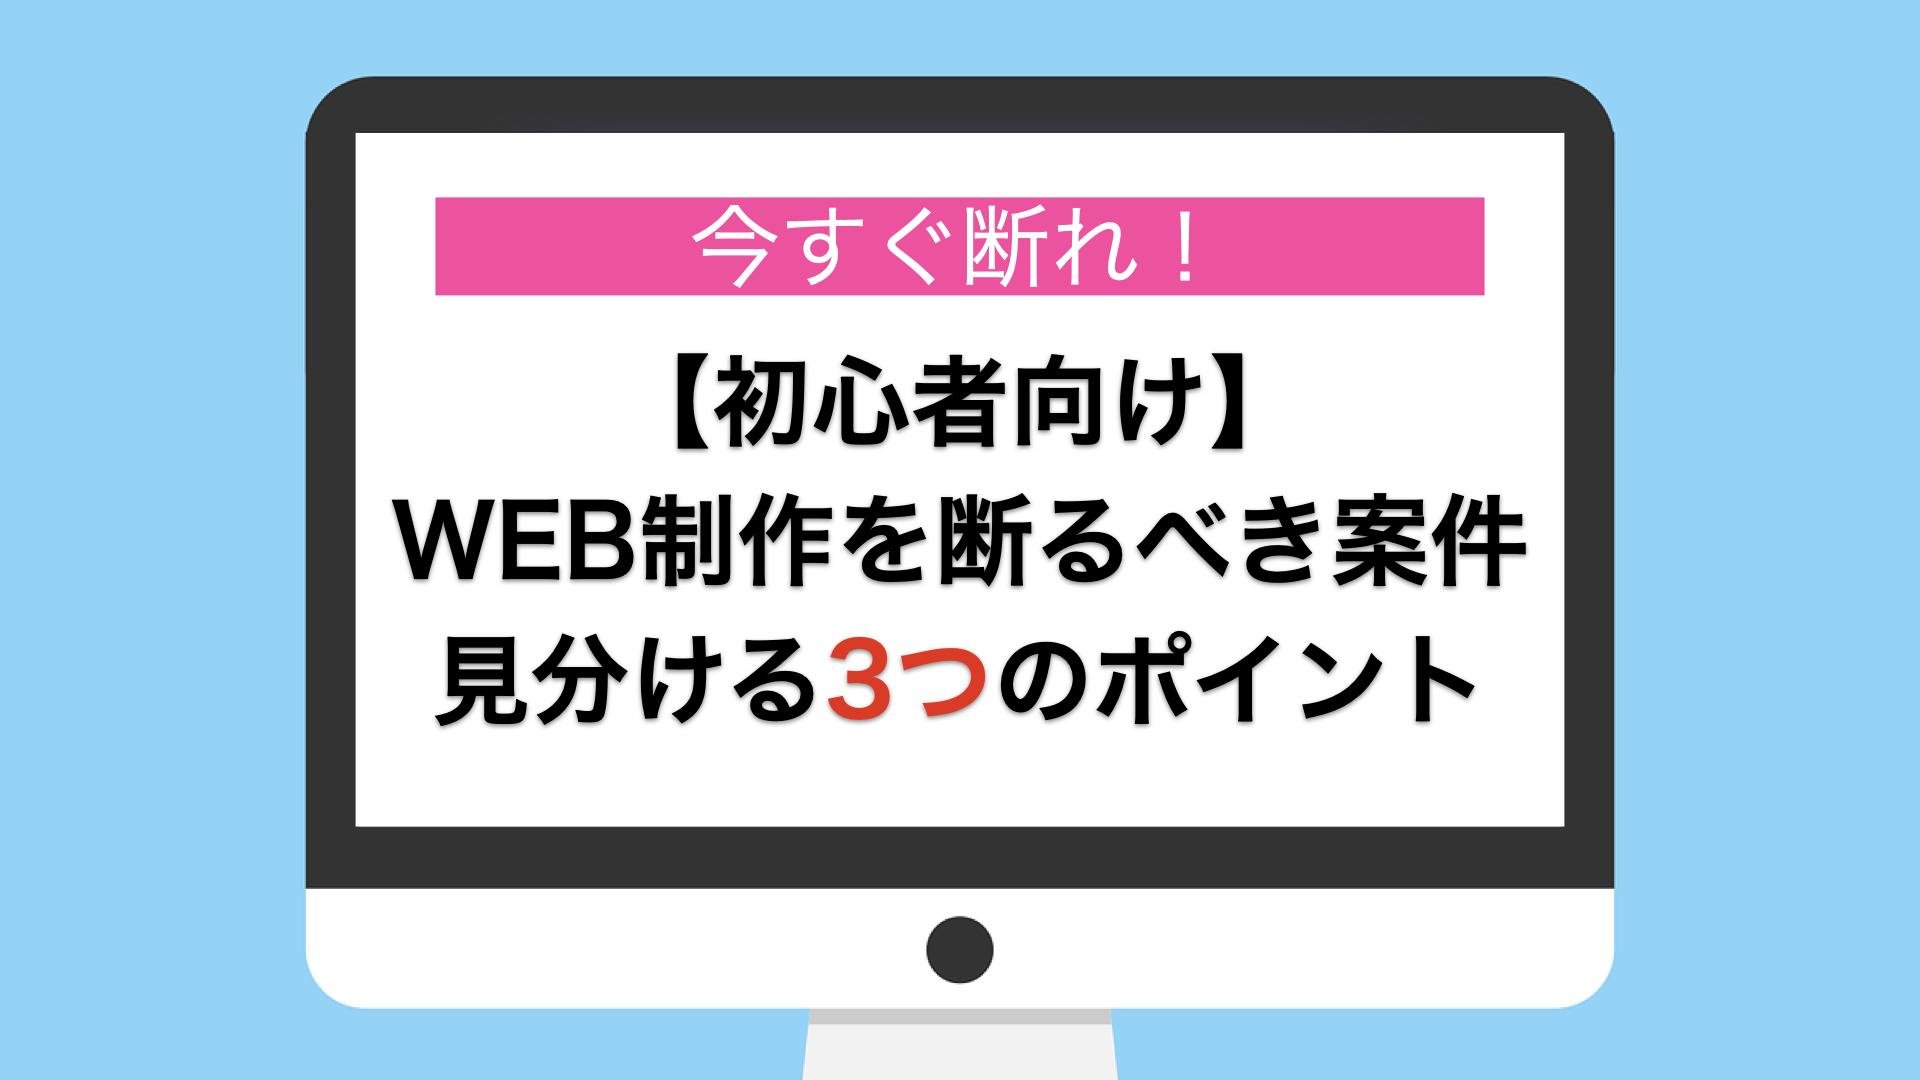 【初心者向け】WEB制作を断るべき案件の見分ける3つのポイント